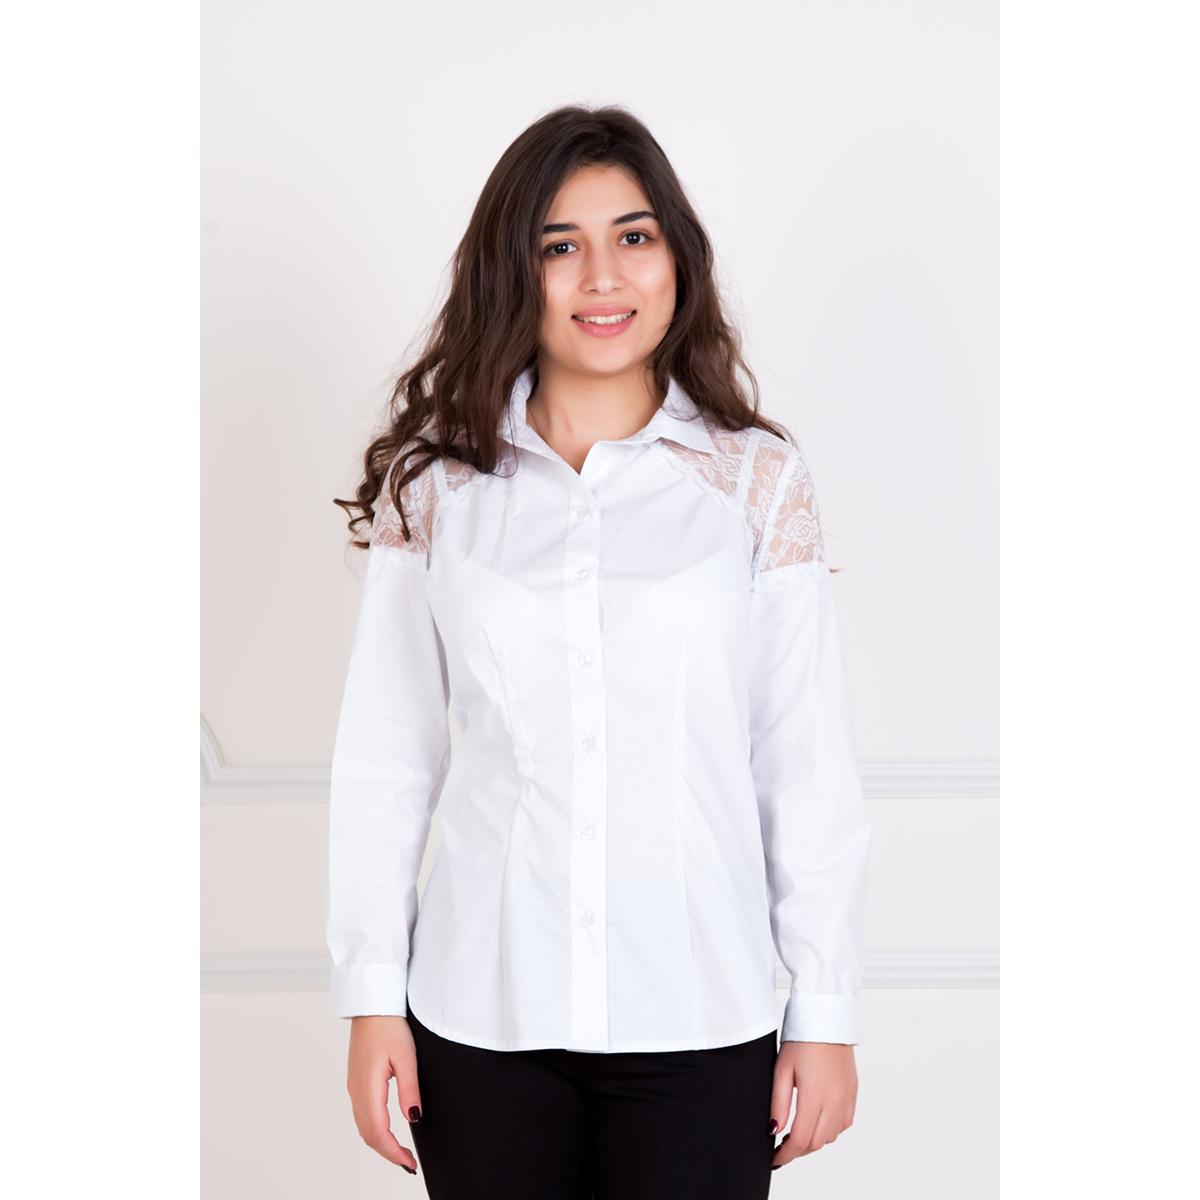 Женская рубашка Янь, размер 48Рубашки<br>Обхват груди:96 см<br>Обхват талии:78 см<br>Обхват бедер:104 см<br>Рост:167 см<br><br>Тип: Жен. рубашка<br>Размер: 48<br>Материал: Хлопок